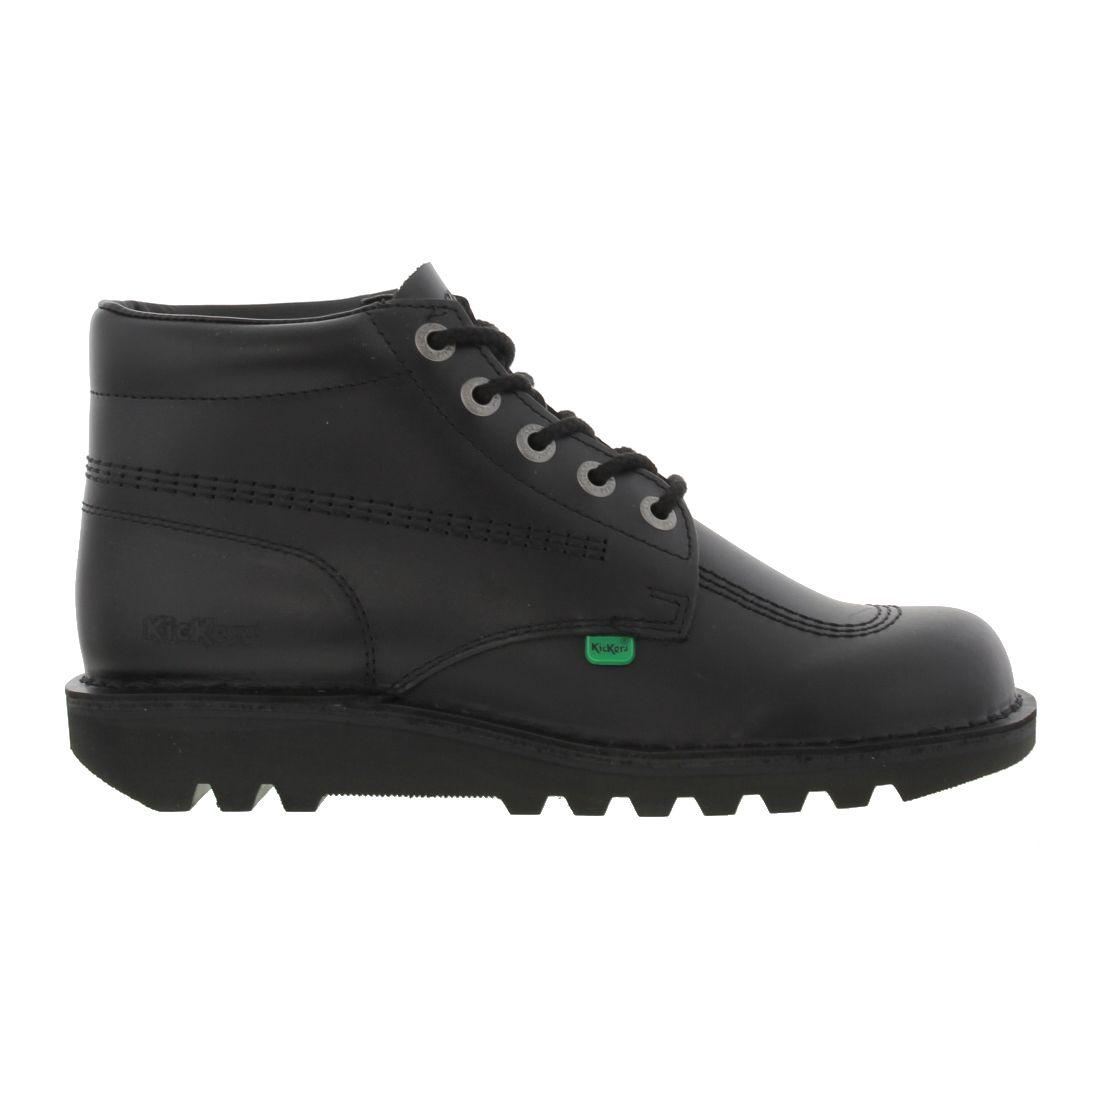 Kickers Kick Hi Womens Ladies Boys Girls Black Boots Size Adult 3-6